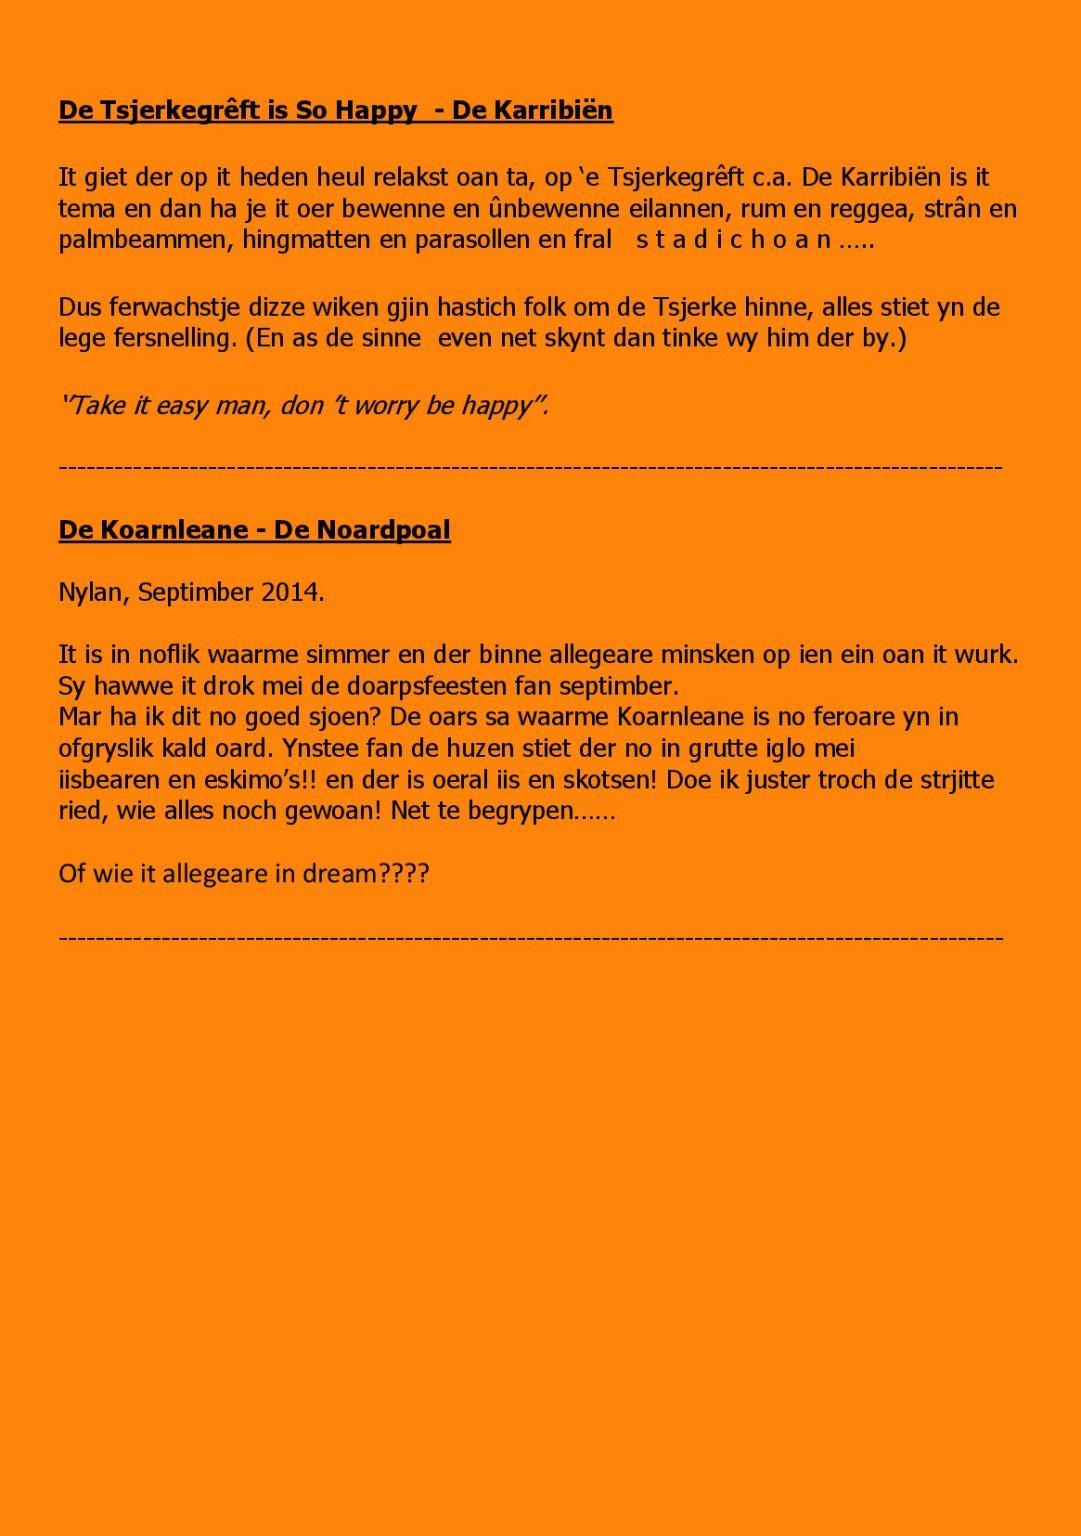 http://www.oranjenijland.nl/wp_oranjenijland/wp-content/uploads/2014/08/5400da02f07b3-3-1081x1536.jpg